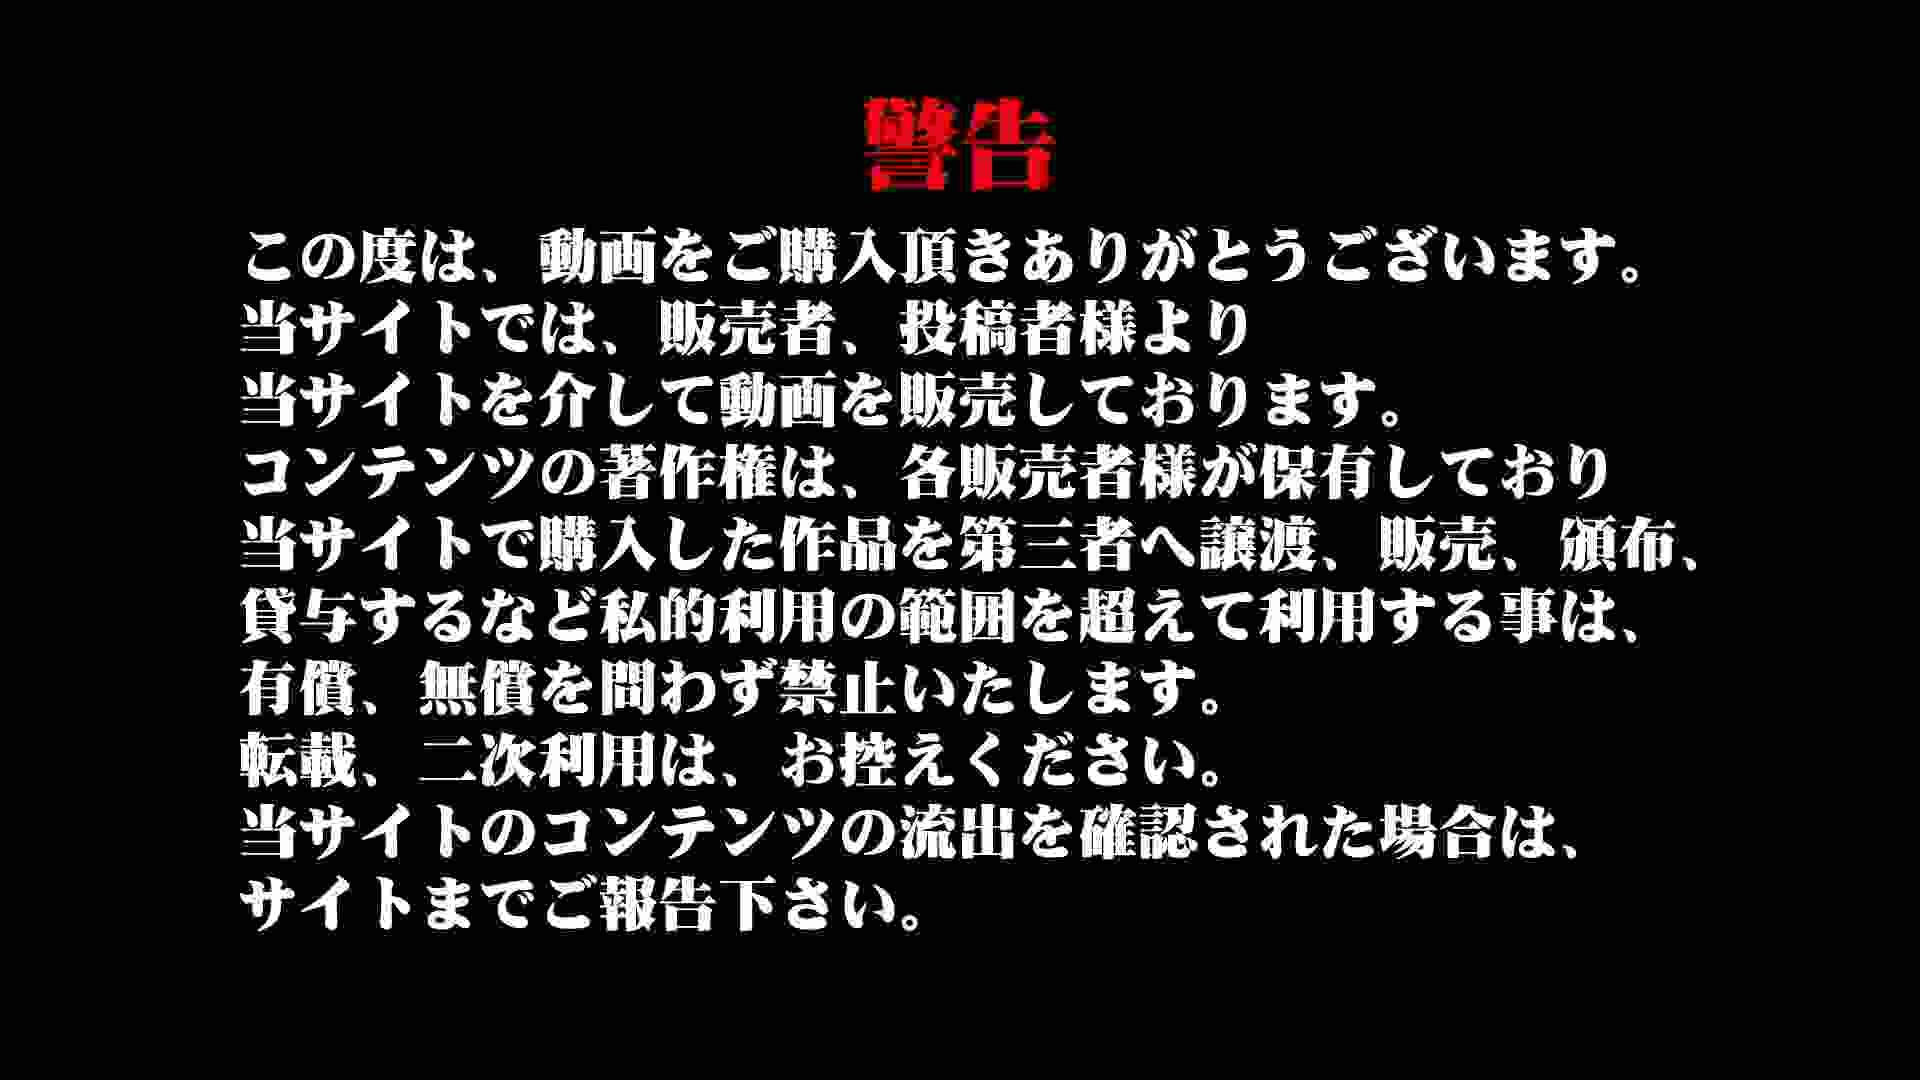 Aquaな露天風呂Vol.920 露天風呂 | 盗撮動画  10枚 1